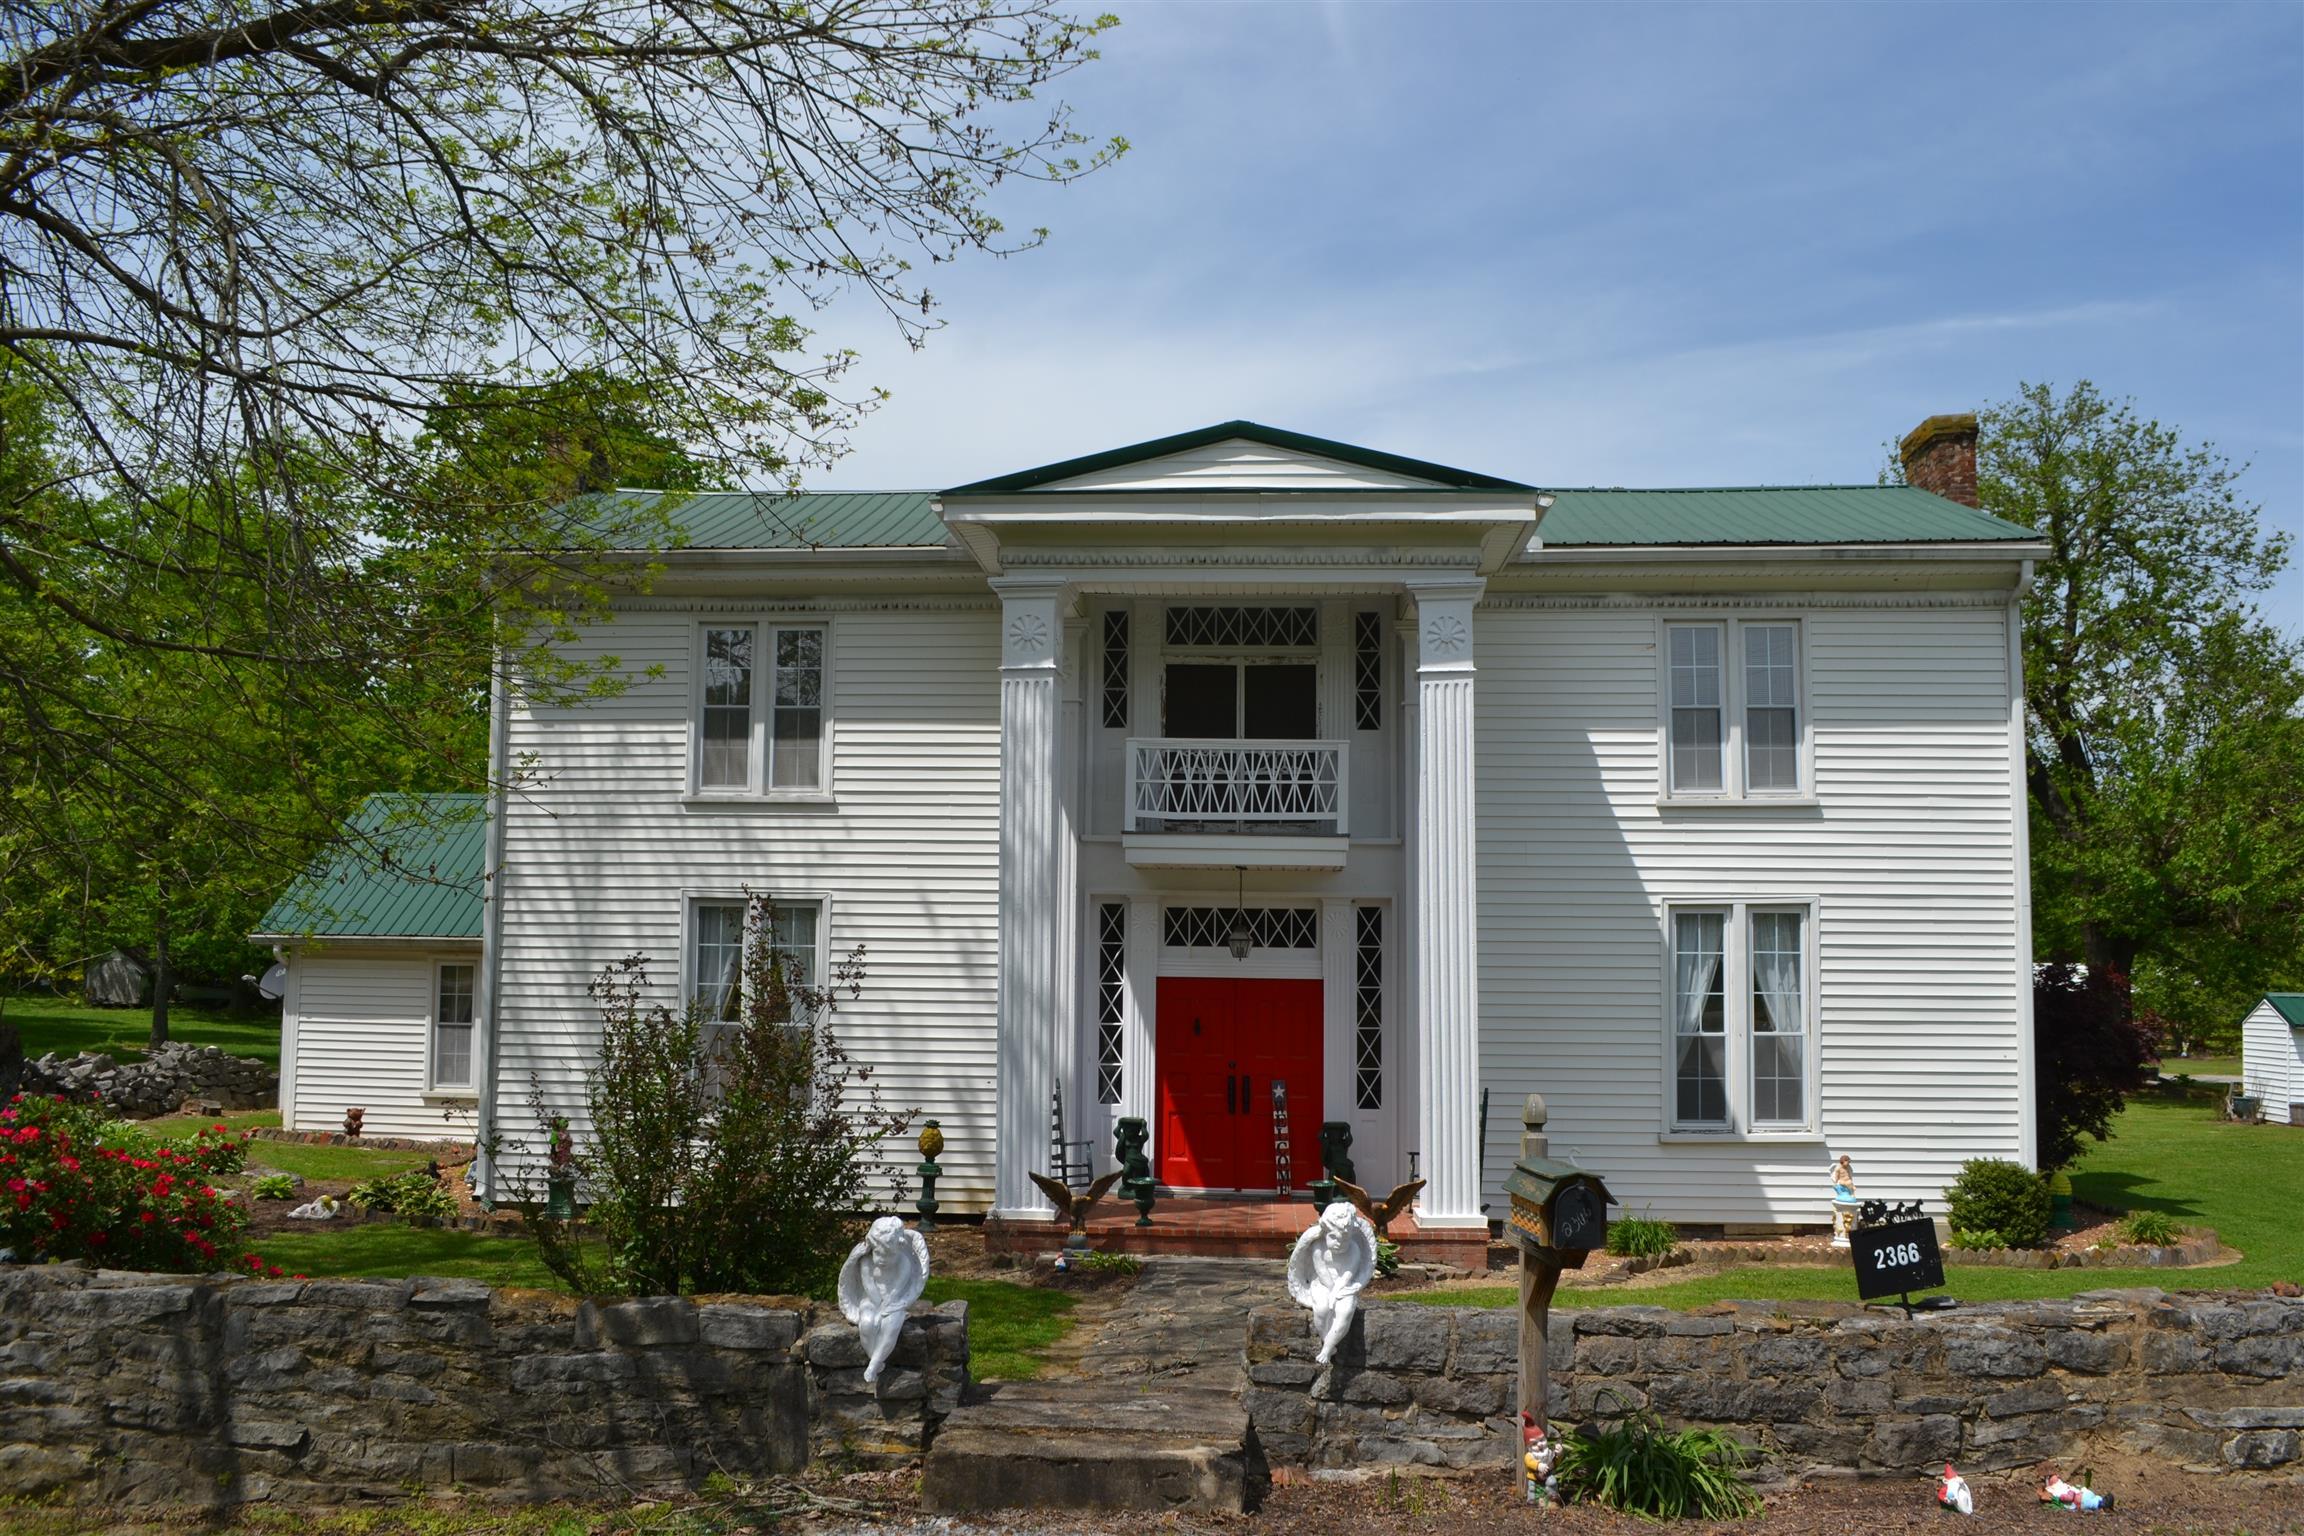 2366 Hwy 130, W, Petersburg, TN 37144 - Petersburg, TN real estate listing